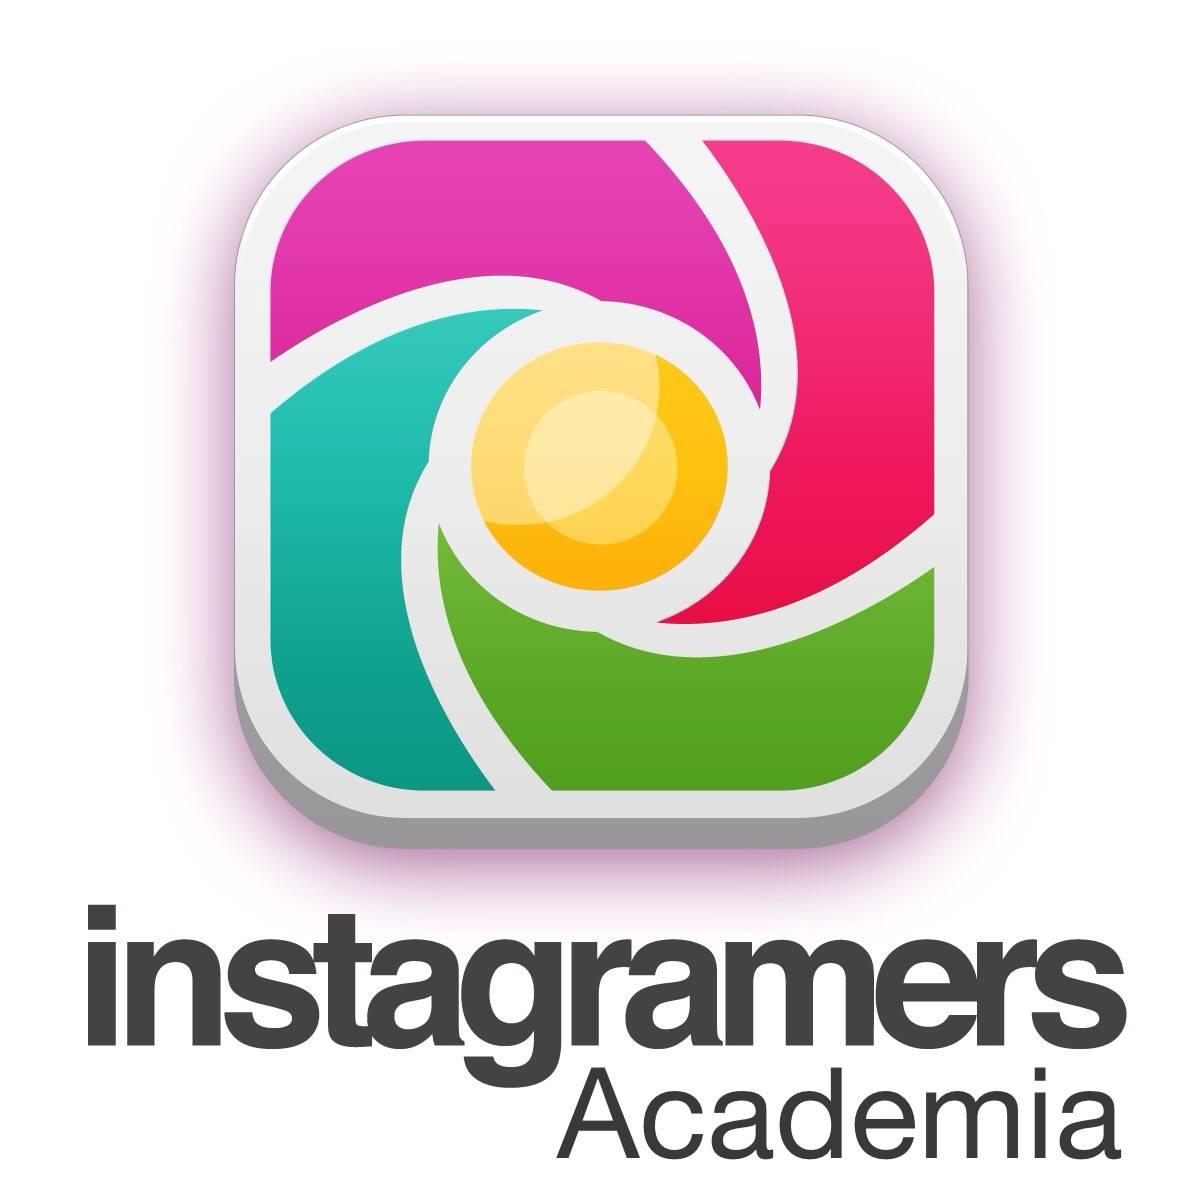 Nace la Igers Academia o Instagramers Academia en España